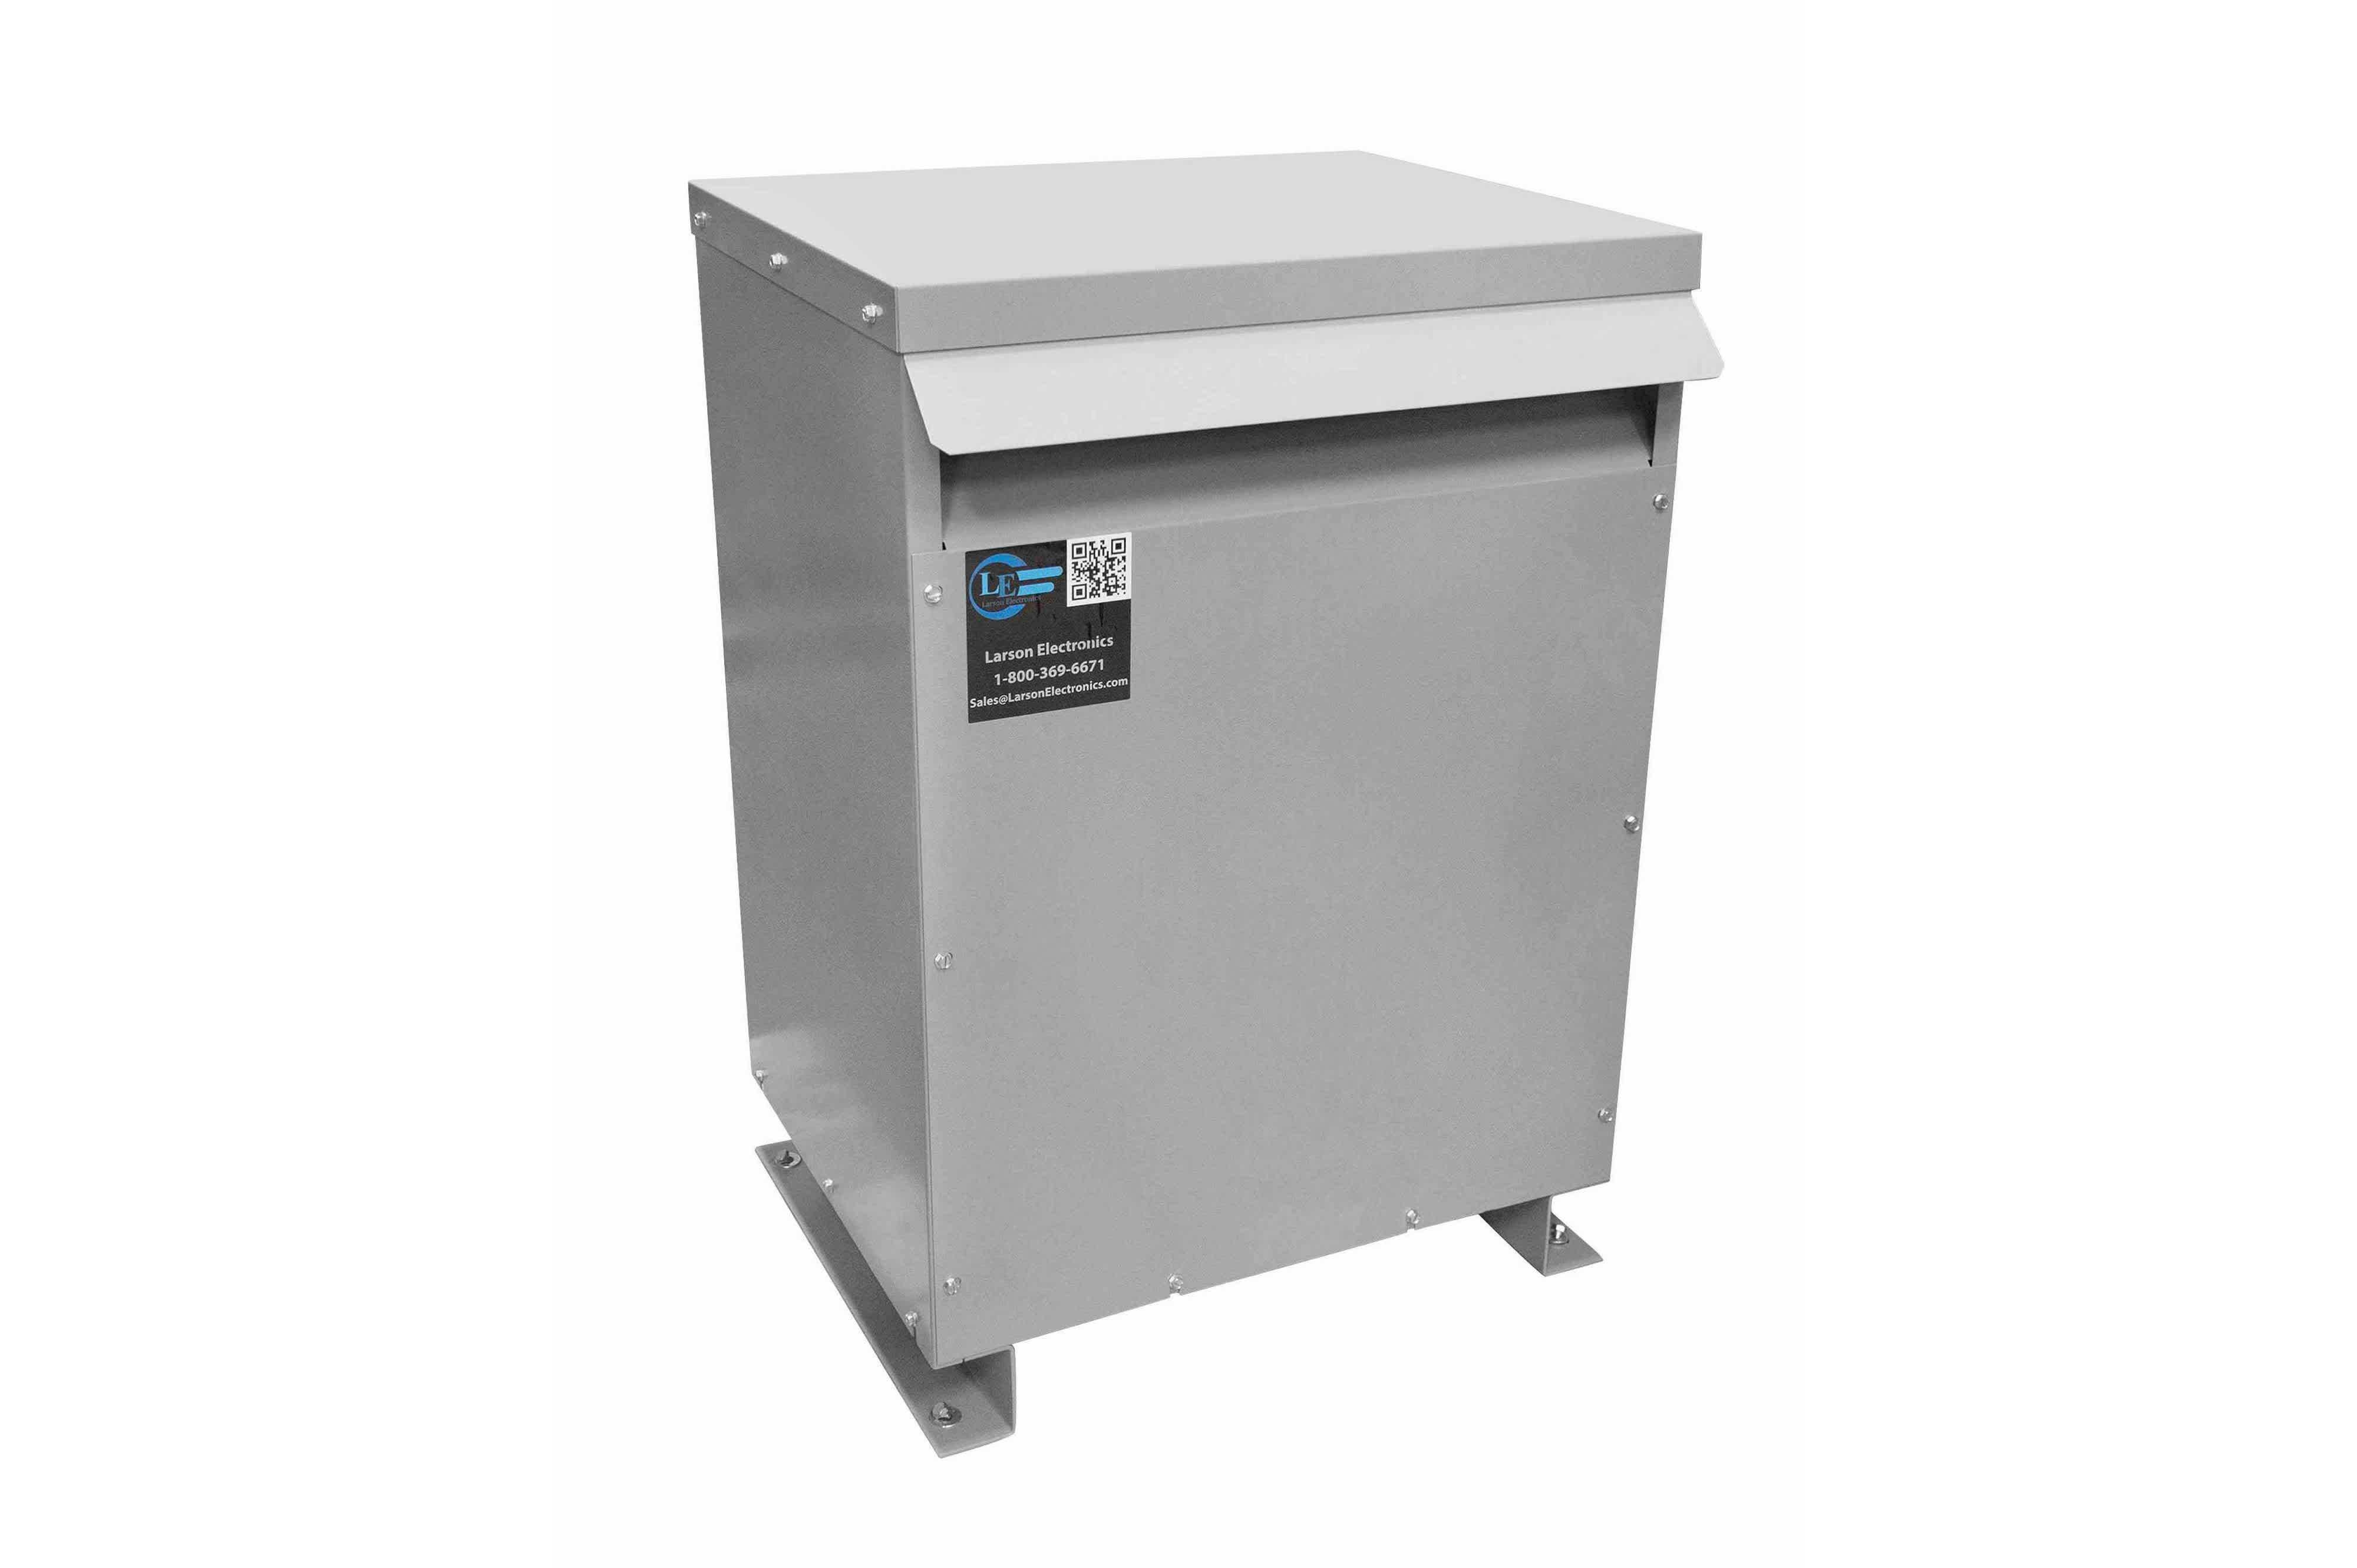 225 kVA 3PH Isolation Transformer, 460V Delta Primary, 208V Delta Secondary, N3R, Ventilated, 60 Hz